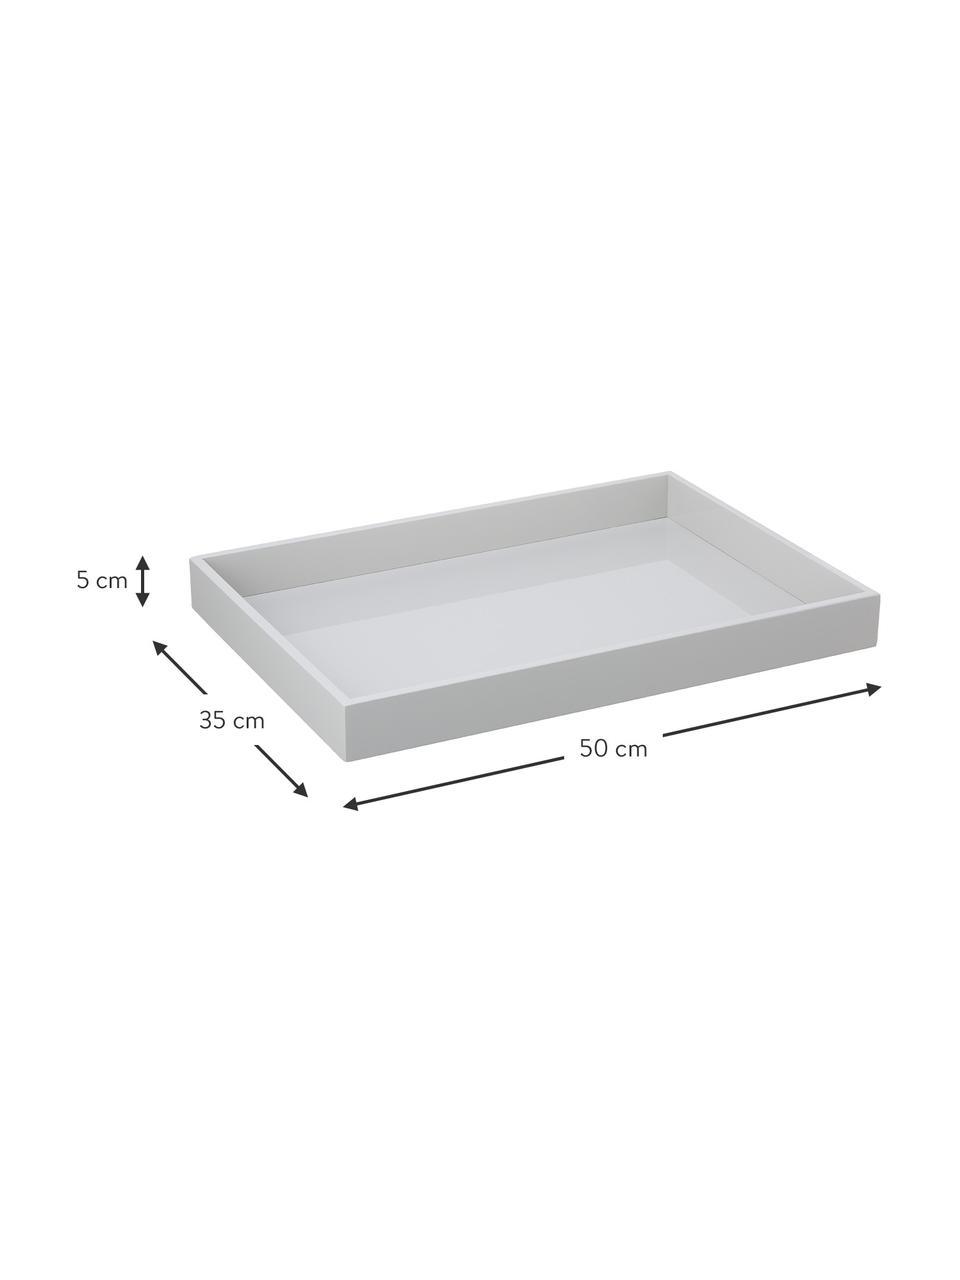 Hoogglans dienblad Hayley in grijs, L 50 x B 35 cm, Dienblad: gelakt MDF, Onderzijde: fluweel, Lichtgrijs. Onderzijde: lichtgrijs, 35 x 50 cm